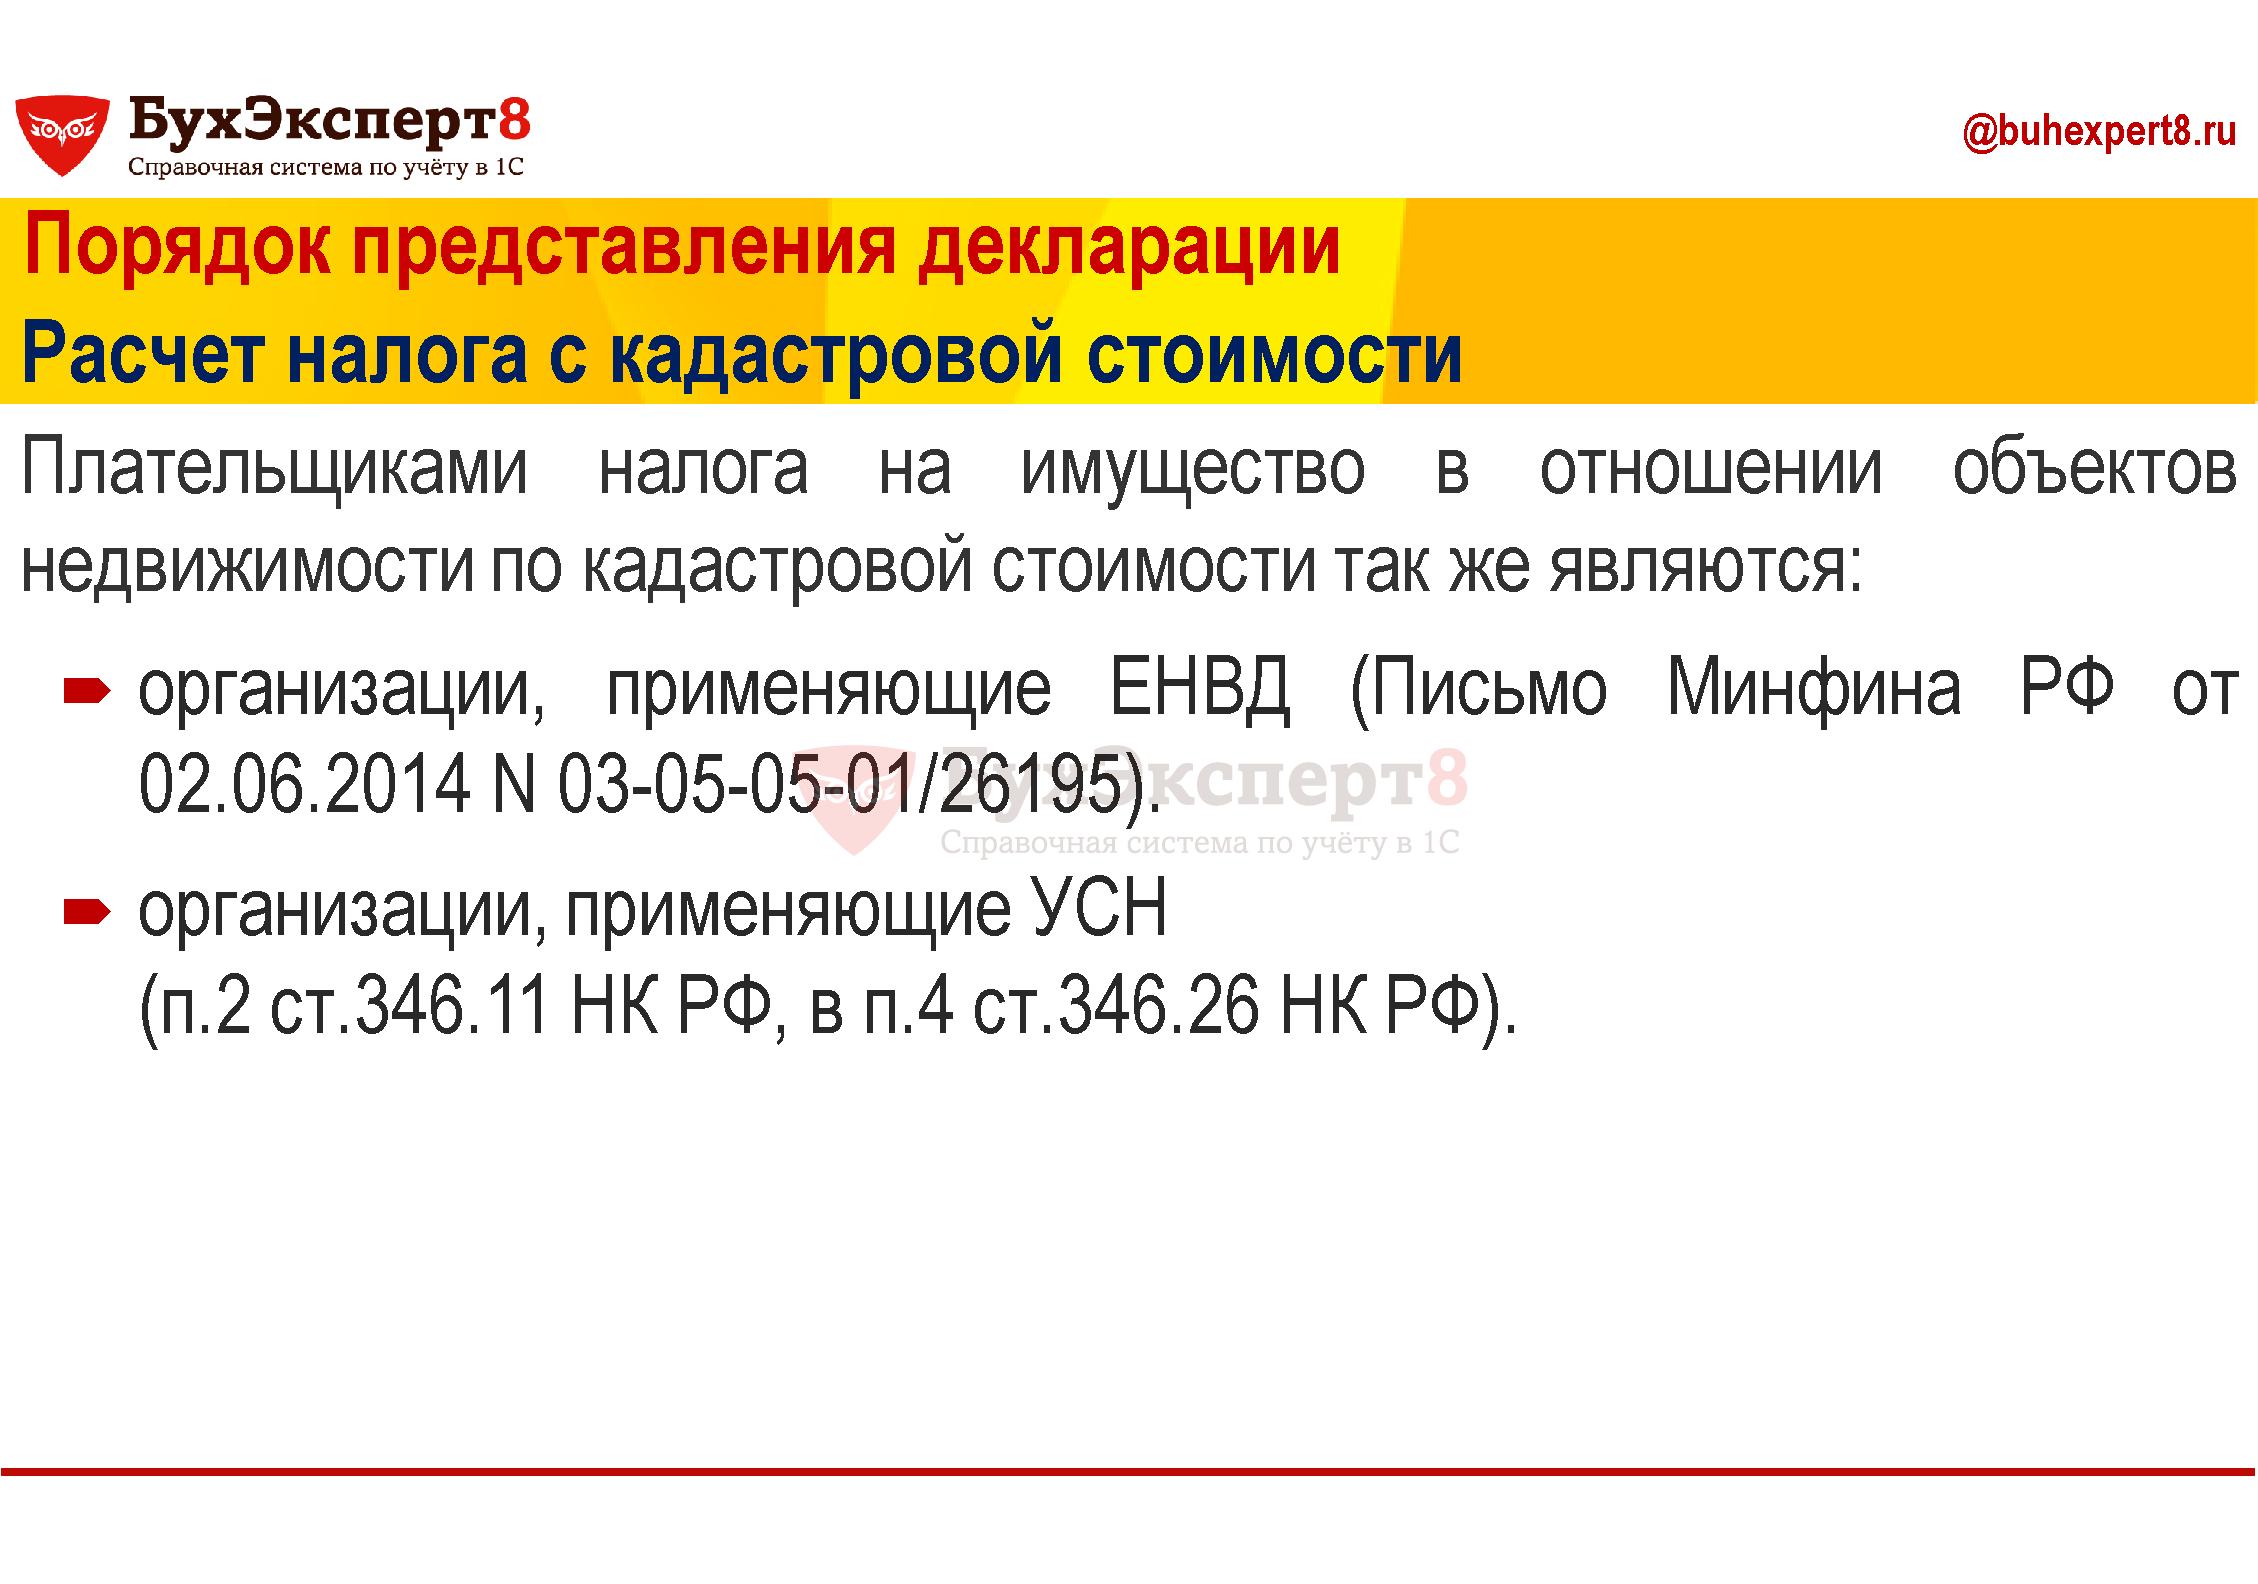 Порядок представления декларации Расчет налога с кадастровой стоимости Плательщиками налога на имущество в отношении объектов недвижимости по кадастровой стоимости так же являются: организации, применяющие ЕНВД (Письмо Минфина РФ от 02.06.2014 N 03-05-05-01/26195). организации, применяющие УСН (п.2 ст.346.11 НК РФ, в п.4 ст.346.26 НК РФ).